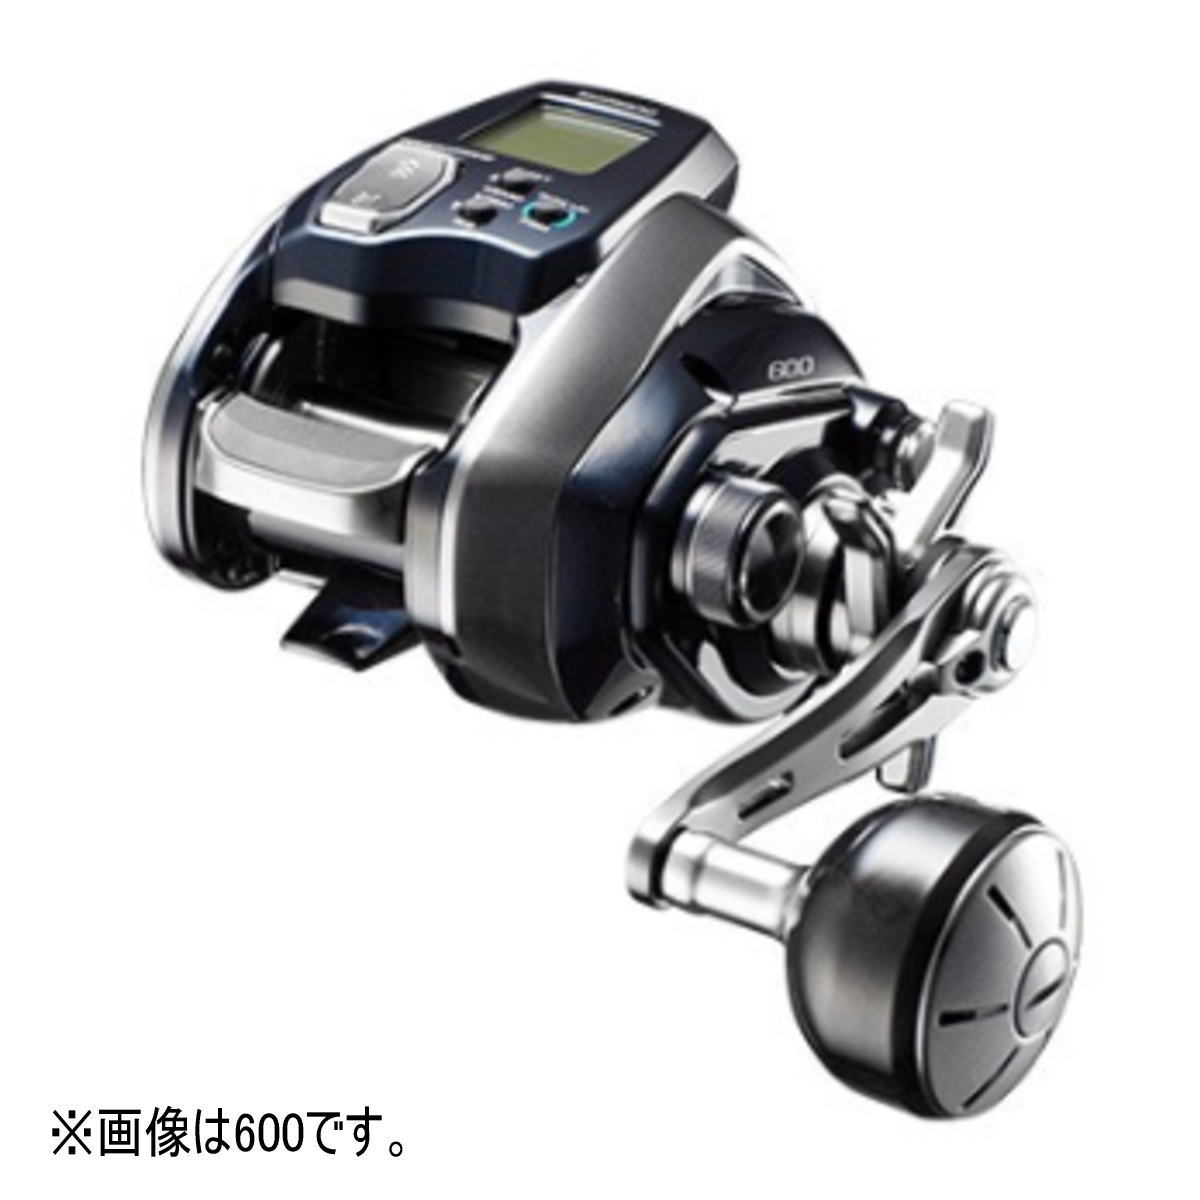 【送料無料4】シマノ 18 フォースマスター 600